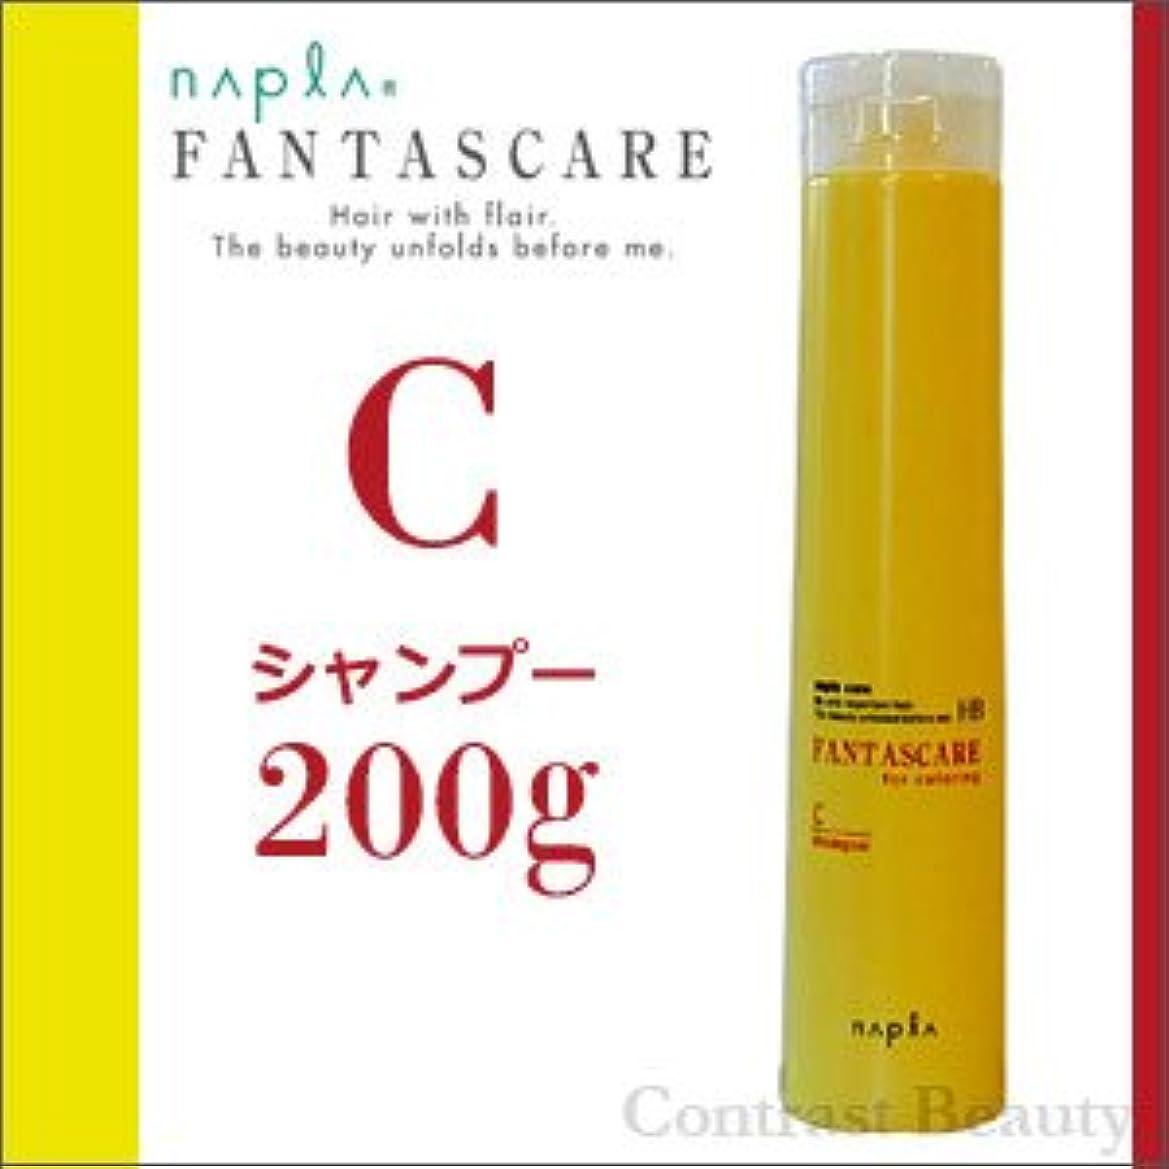 略奪泣いている因子【X5個セット】 ナプラ ファンタスケア Cシャンプー 200g napla